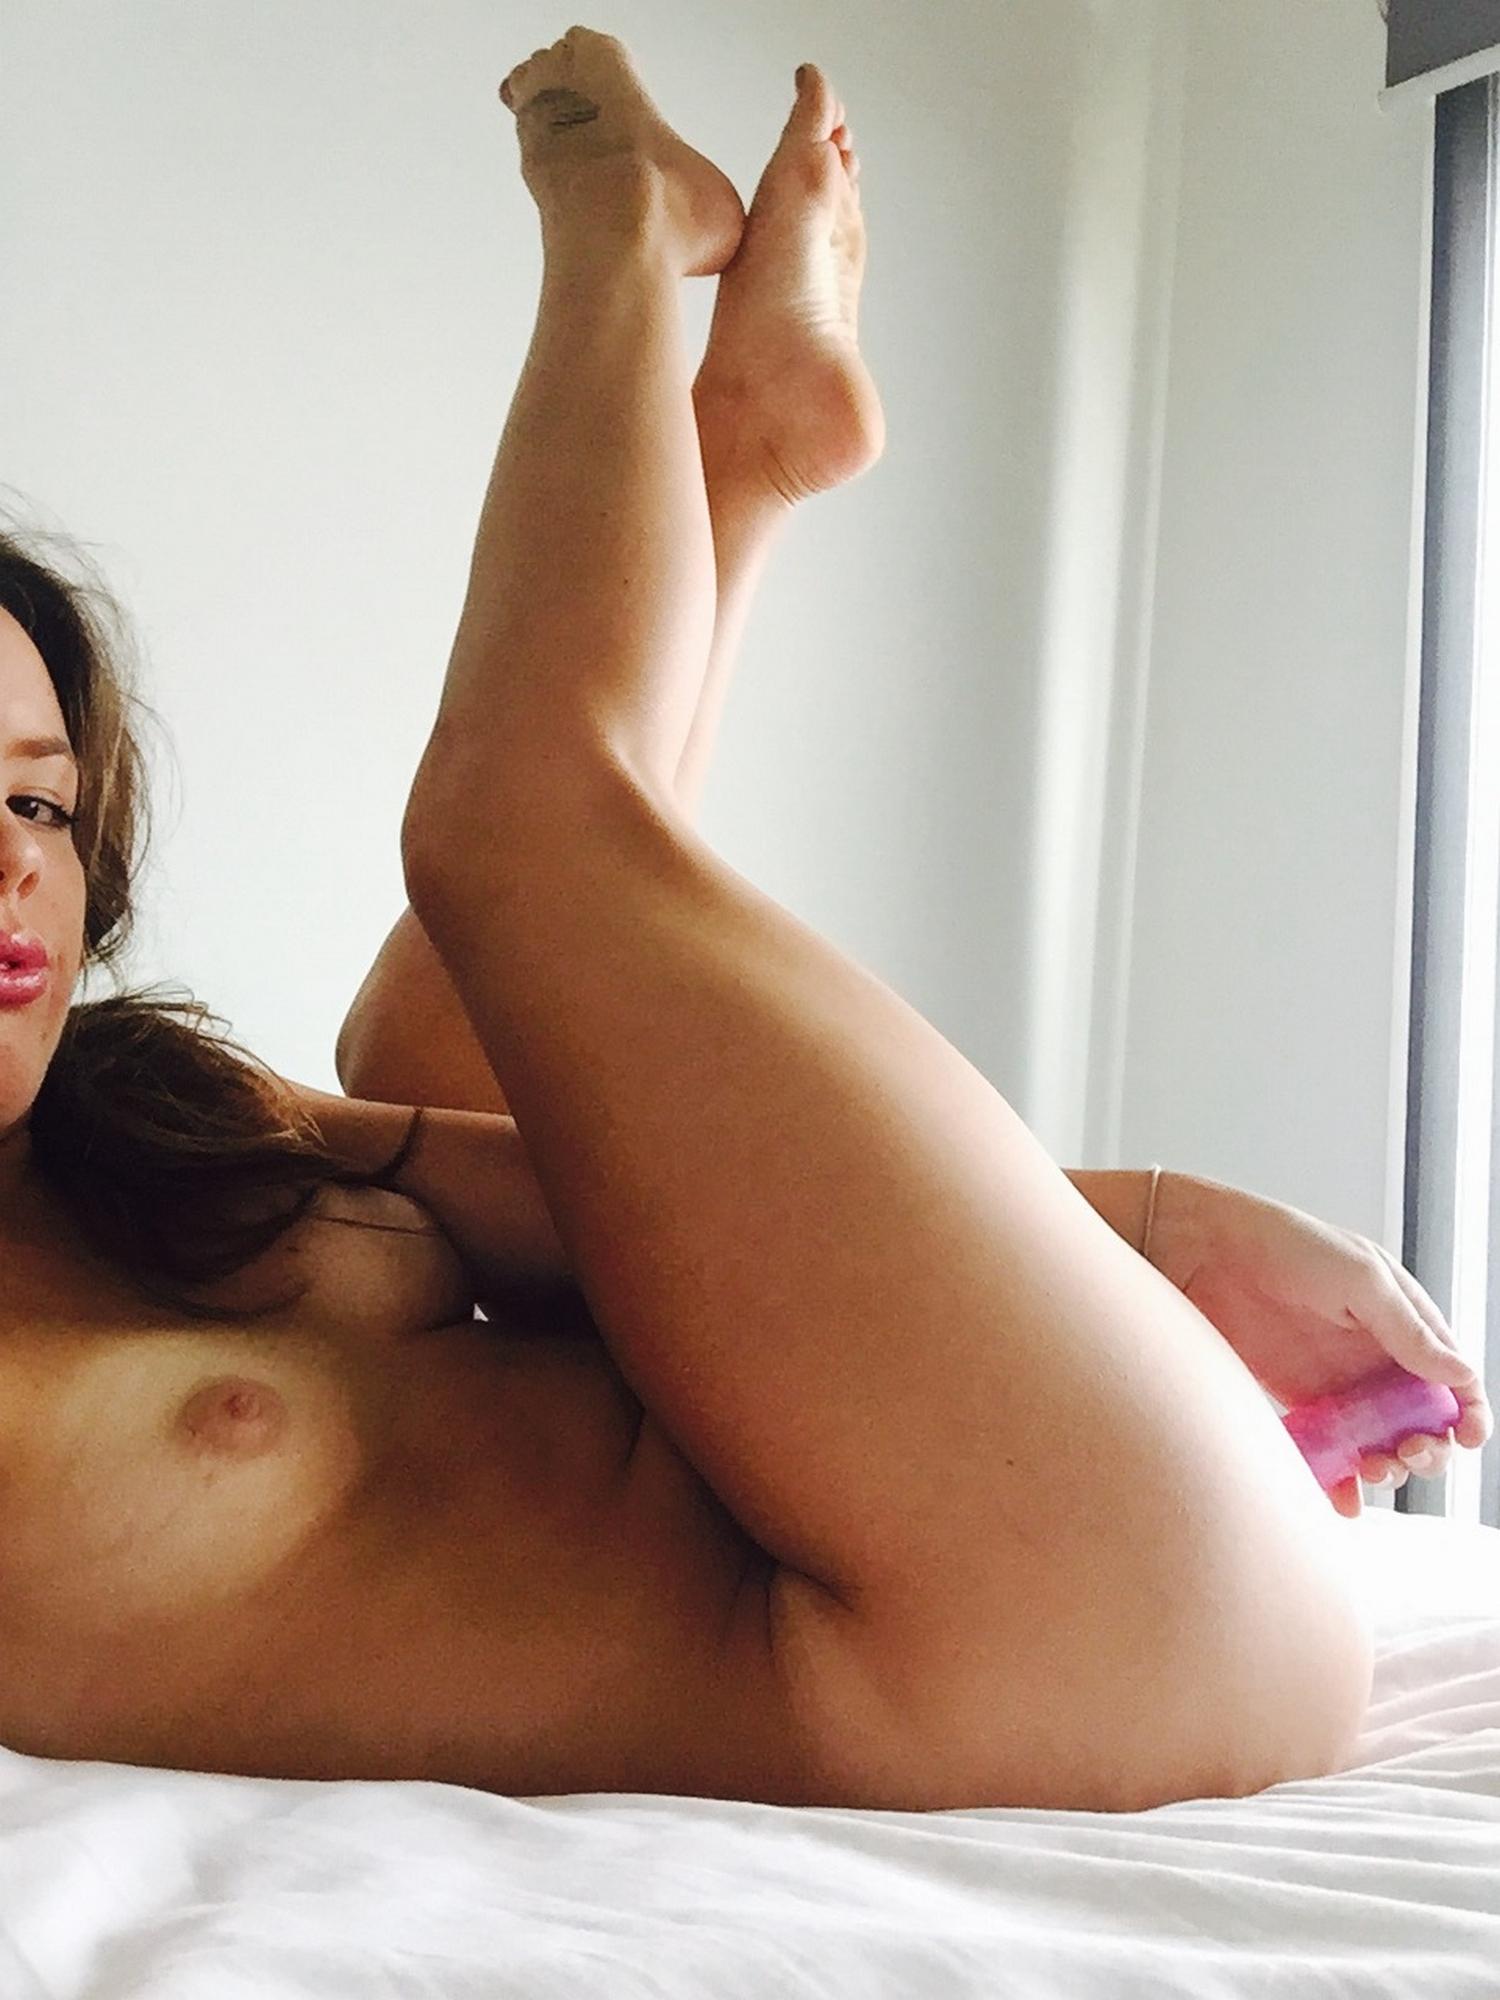 Спортсменка оголила в спальне жопу и облизнула секс игрушку